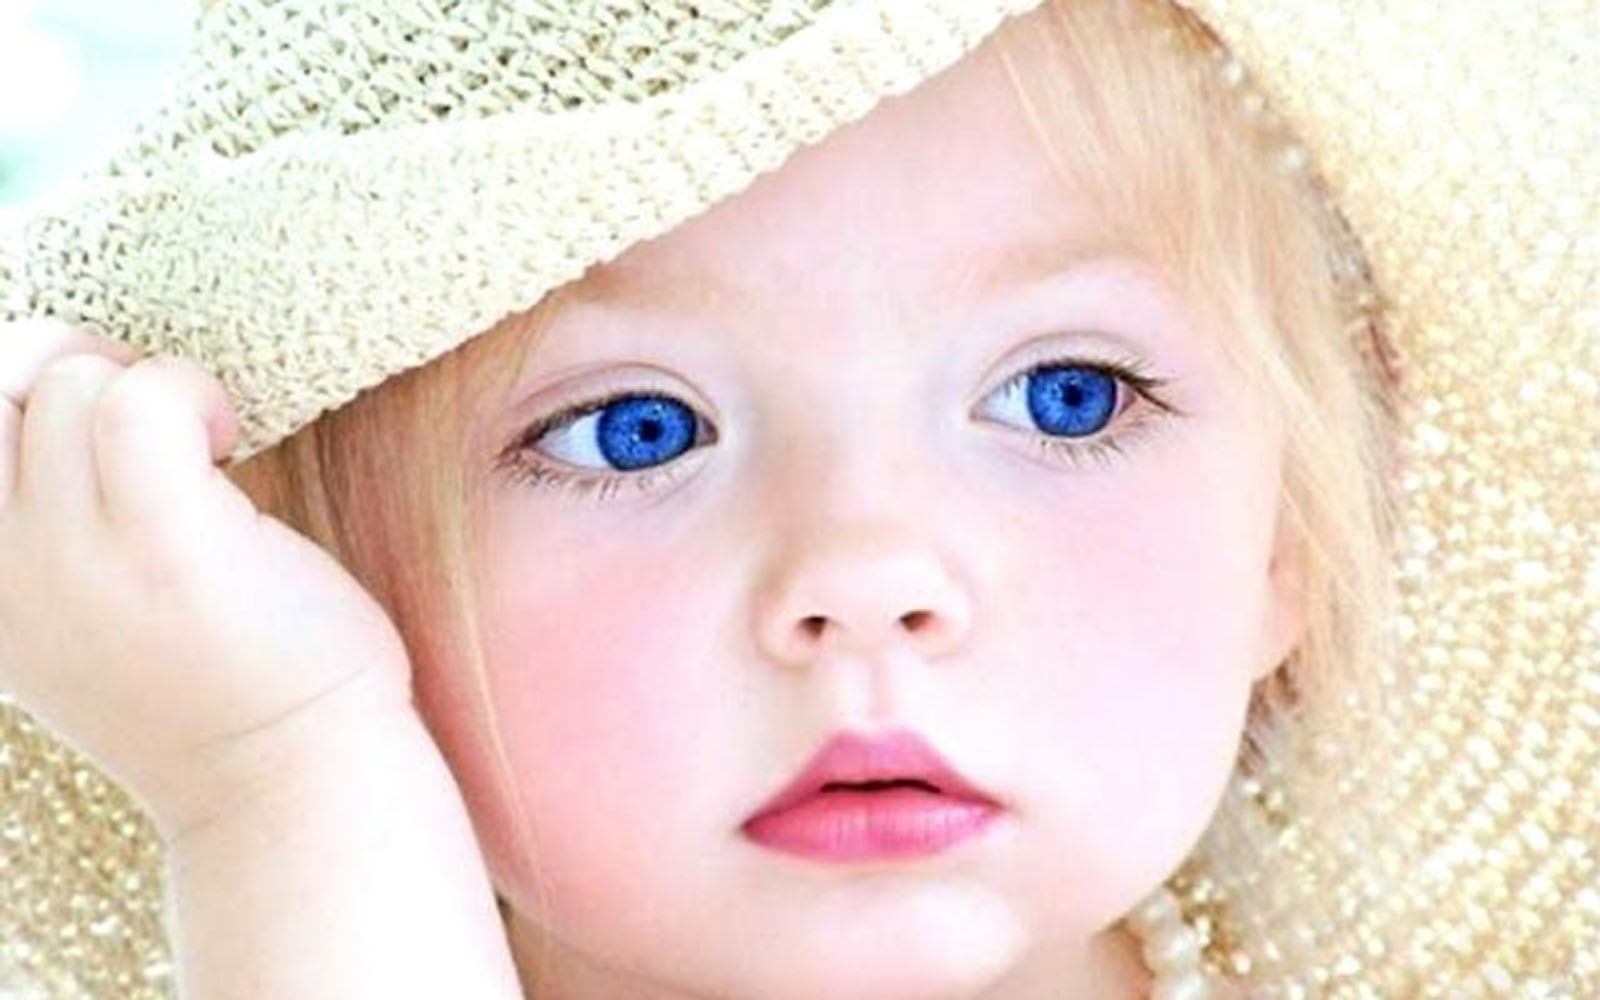 بالصور صور اطفال جميله , كيفيه تربيه الاطفال 5636 7